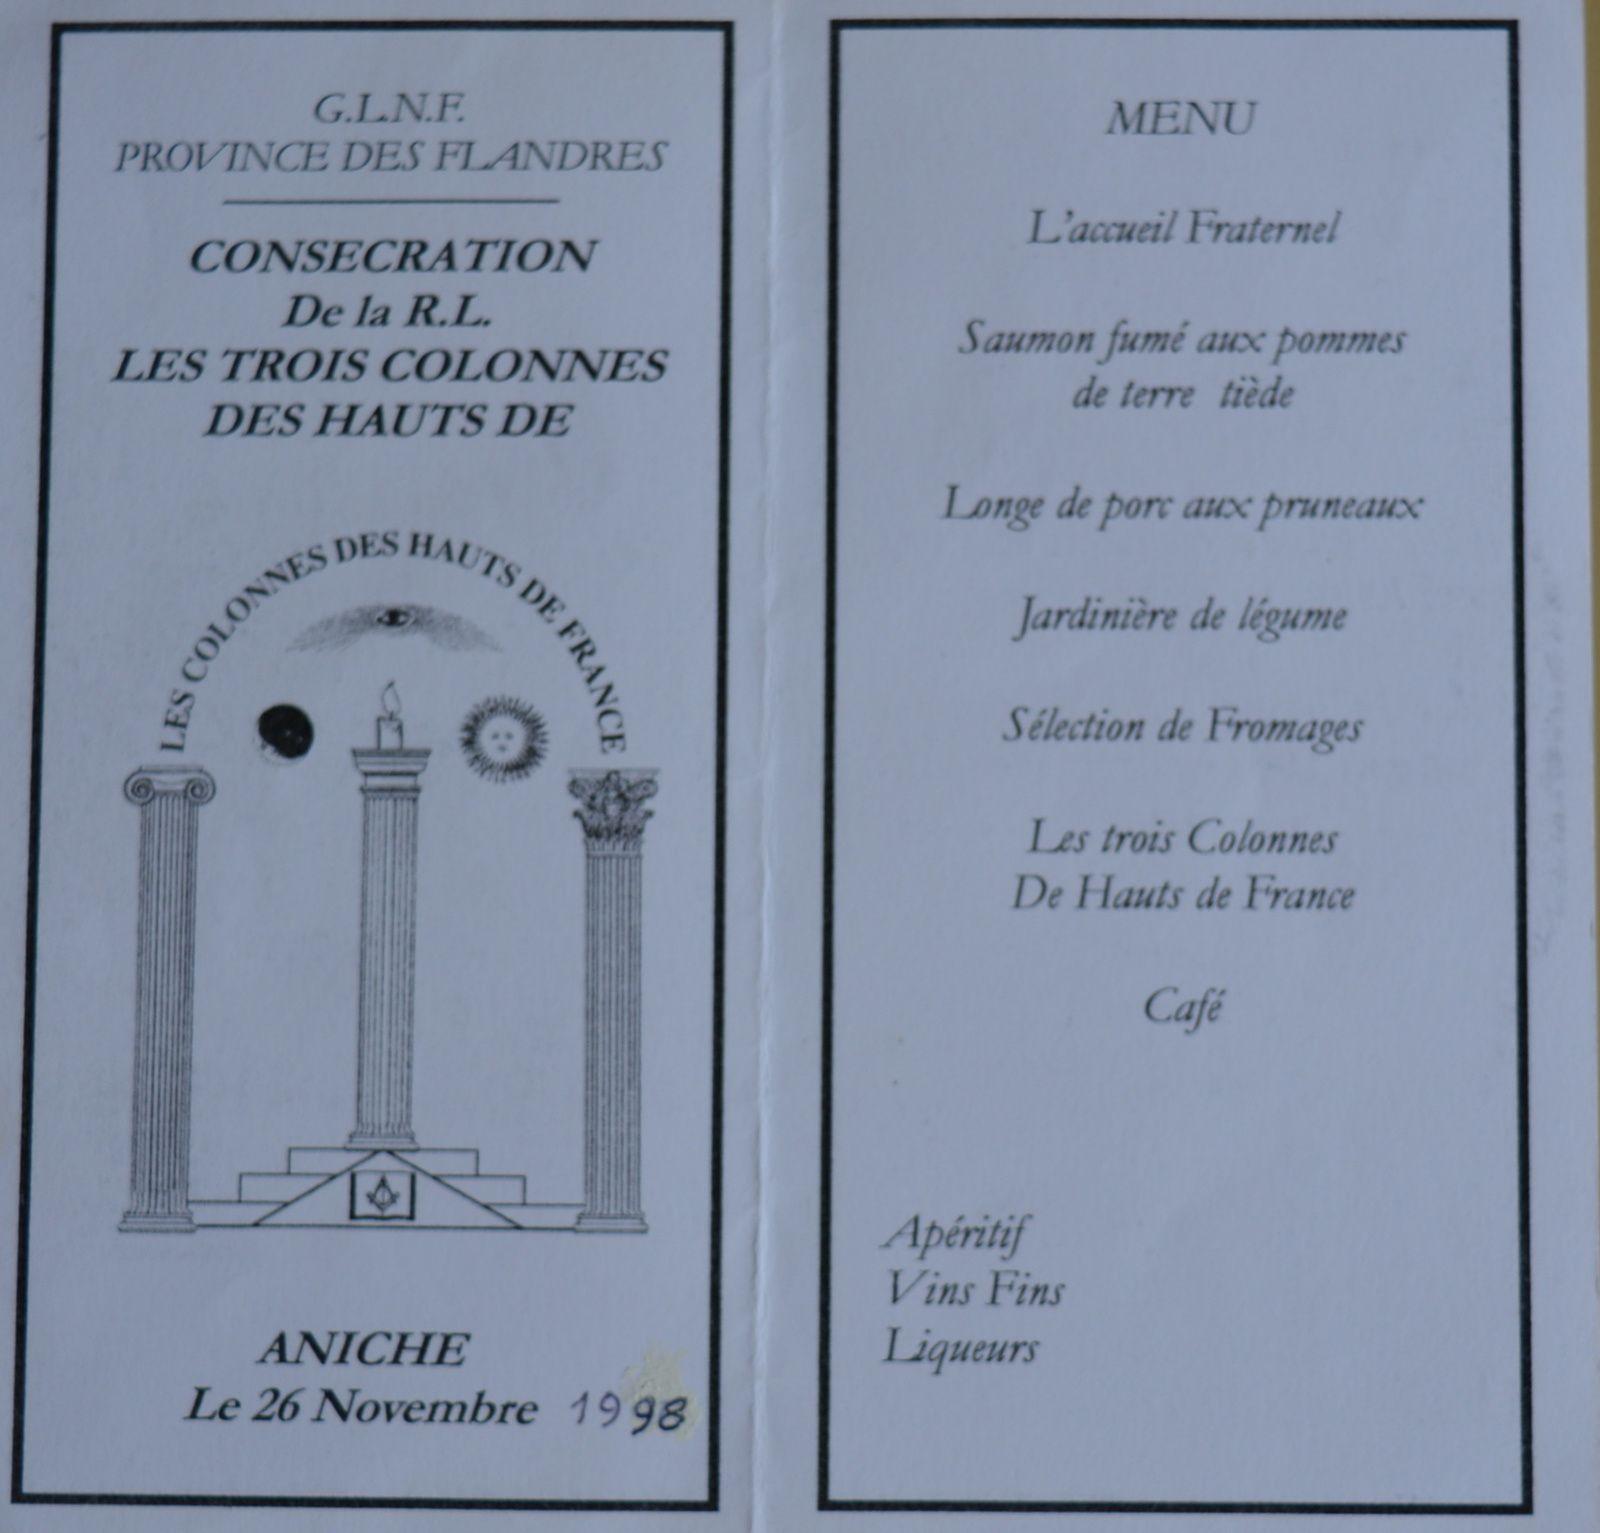 Intérieur de la carte du menu de la consécration de la  «R. L. Les Trois Colonnes des Hauts de France» le 26 novembre 1998.